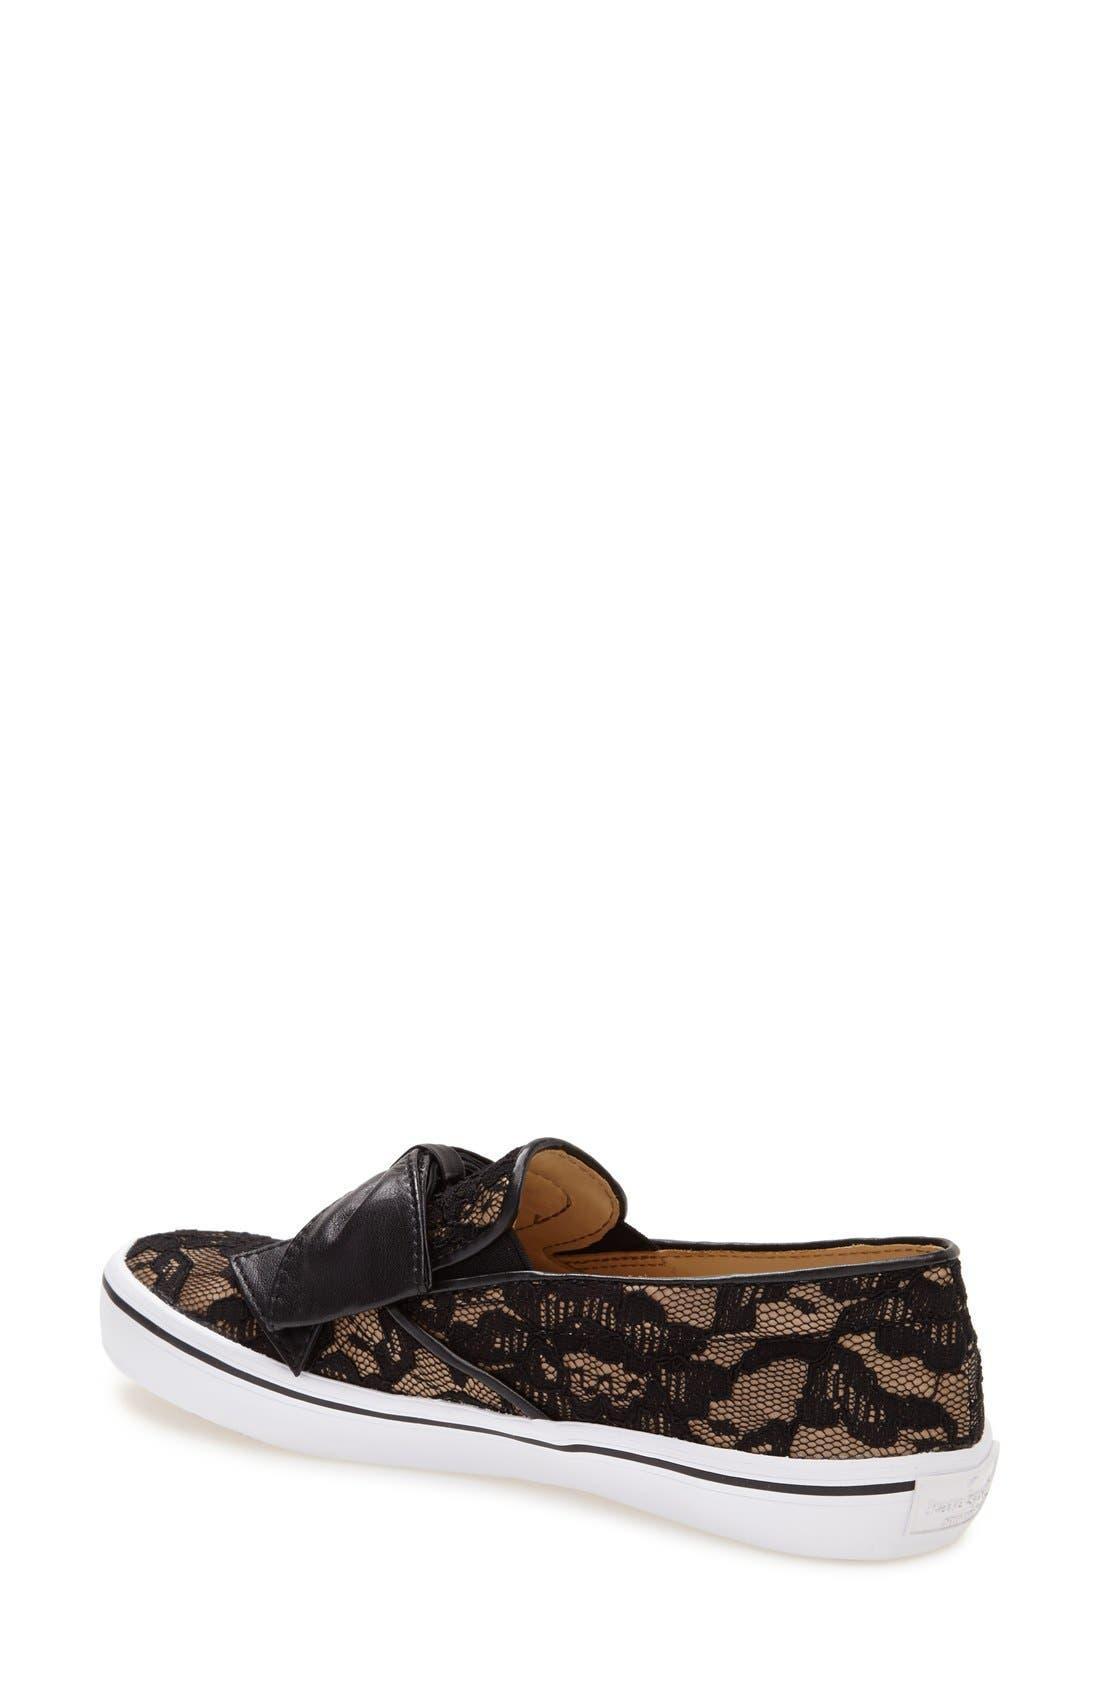 KATE SPADE NEW YORK,                             'delise' slip-on sneaker,                             Alternate thumbnail 3, color,                             001